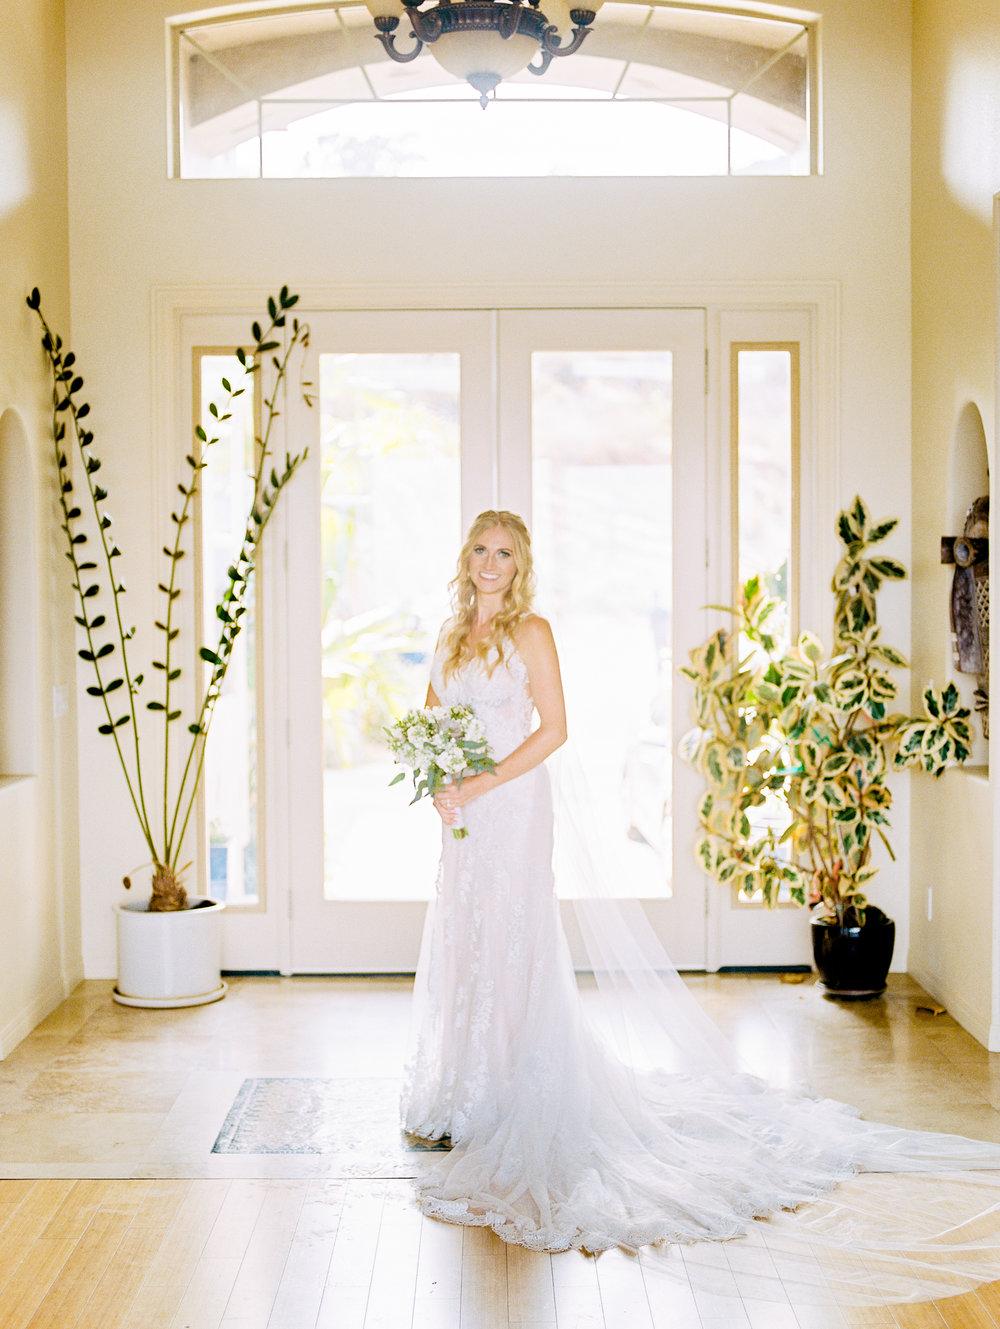 dennisroycoronel_ashleyanthony_vanessahudgens_austinbutler_wedding_losangeles_photographer-55.jpg